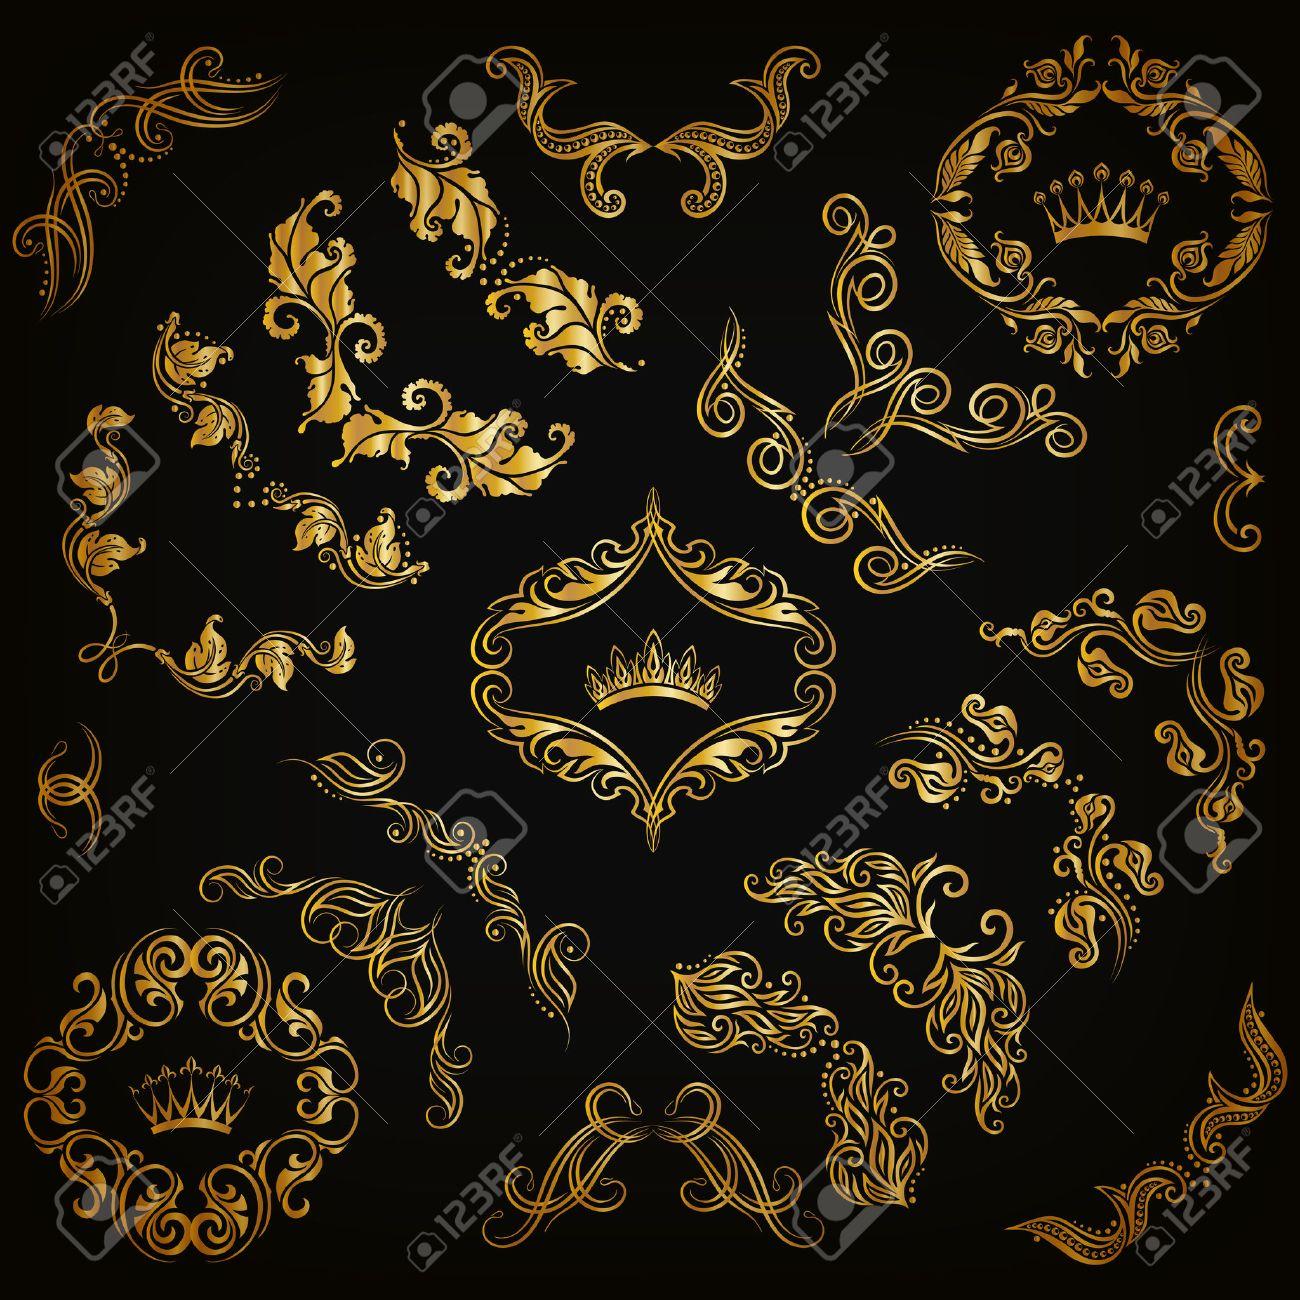 Vektor Satz Von Gold Dekorative Handgezeichneten Floralen Elementen ...